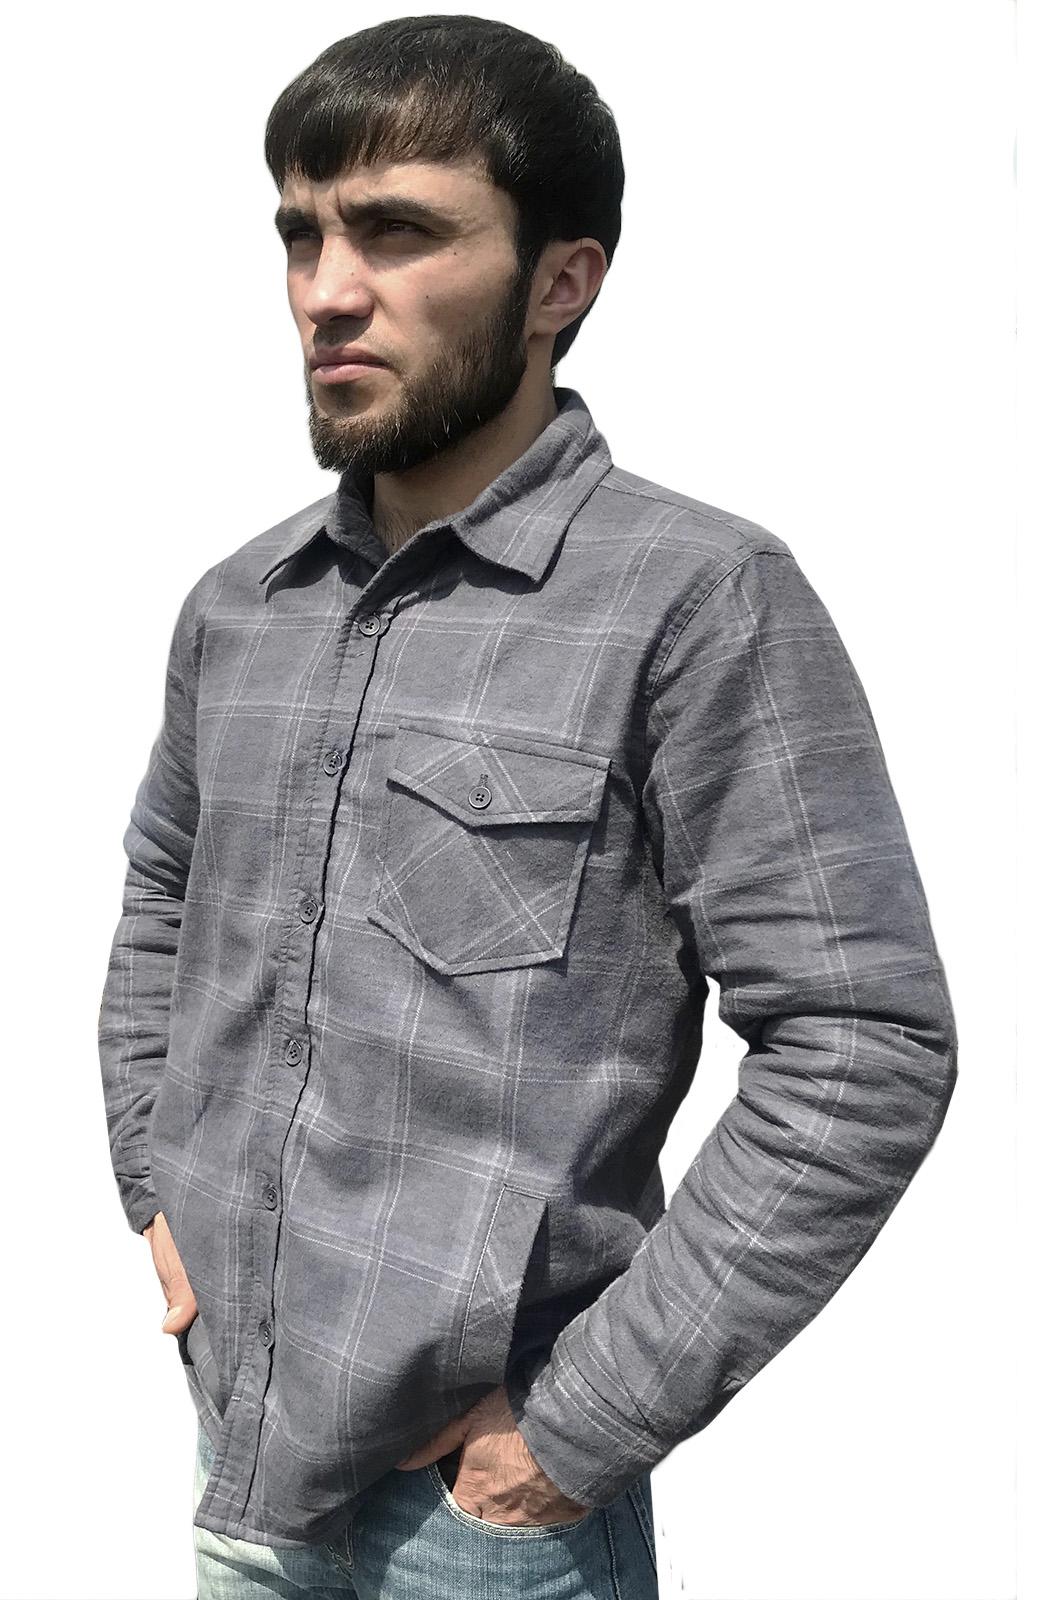 Рубашка с нашивкой 12 ОБрСпН купить в подарок